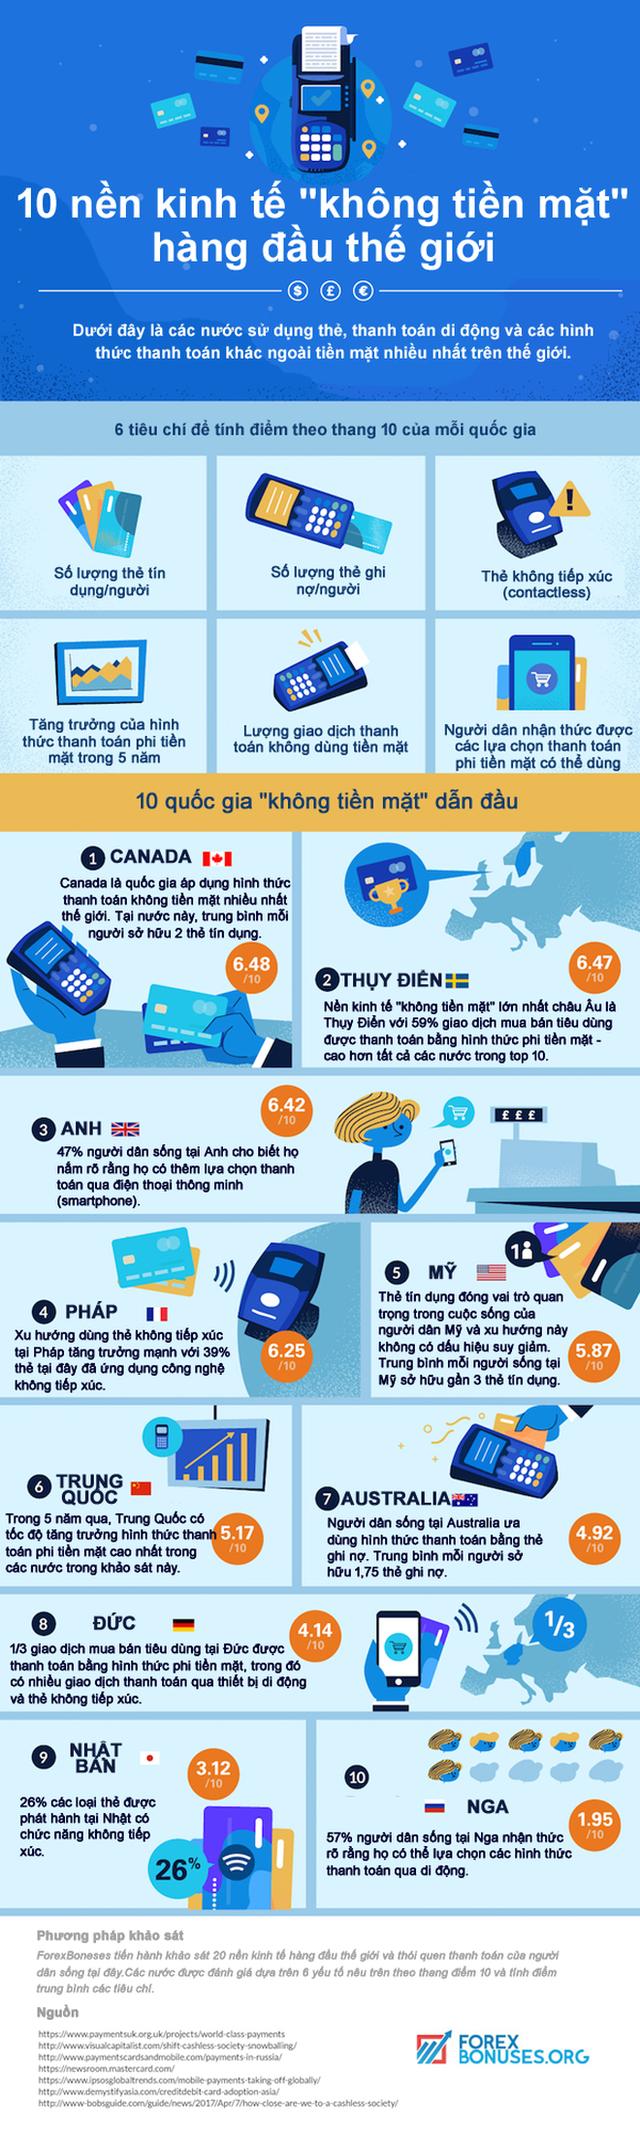 """[Infographic] 10 nền kinh tế """"không tiền mặt"""" hàng đầu thế giới  - Ảnh 1."""